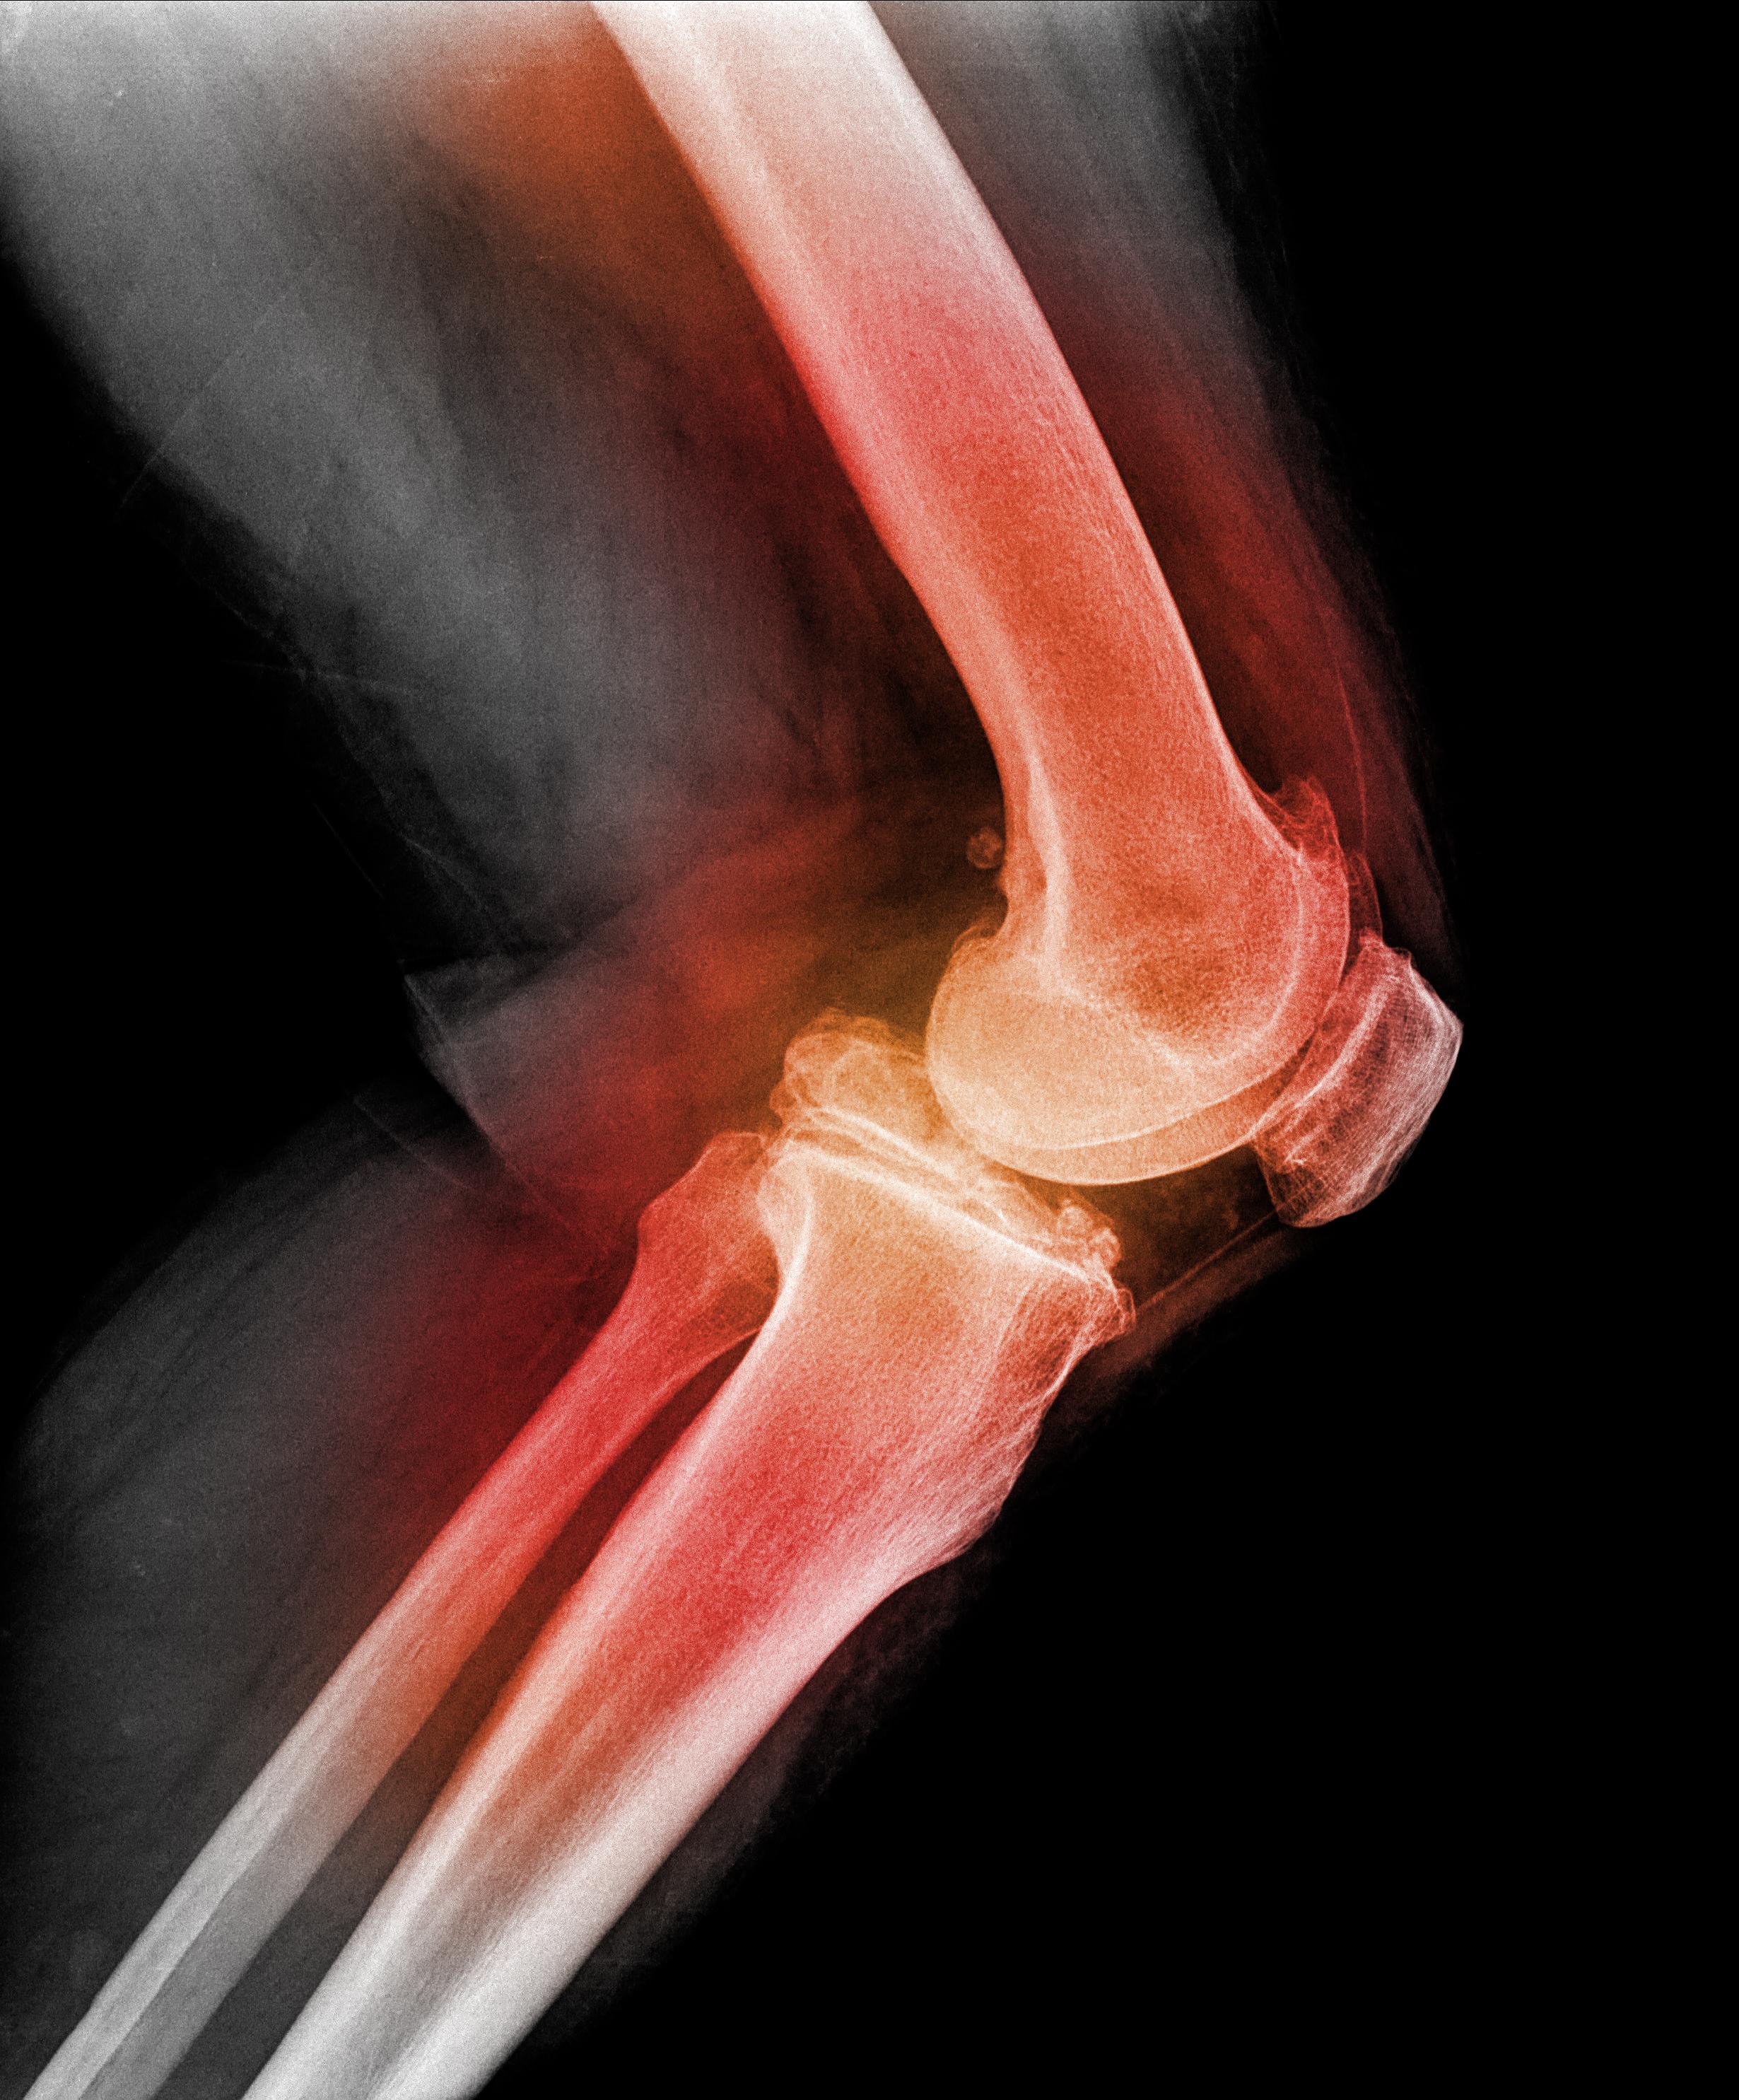 dezvoltarea artritei genunchiului durere articulară de cânepă